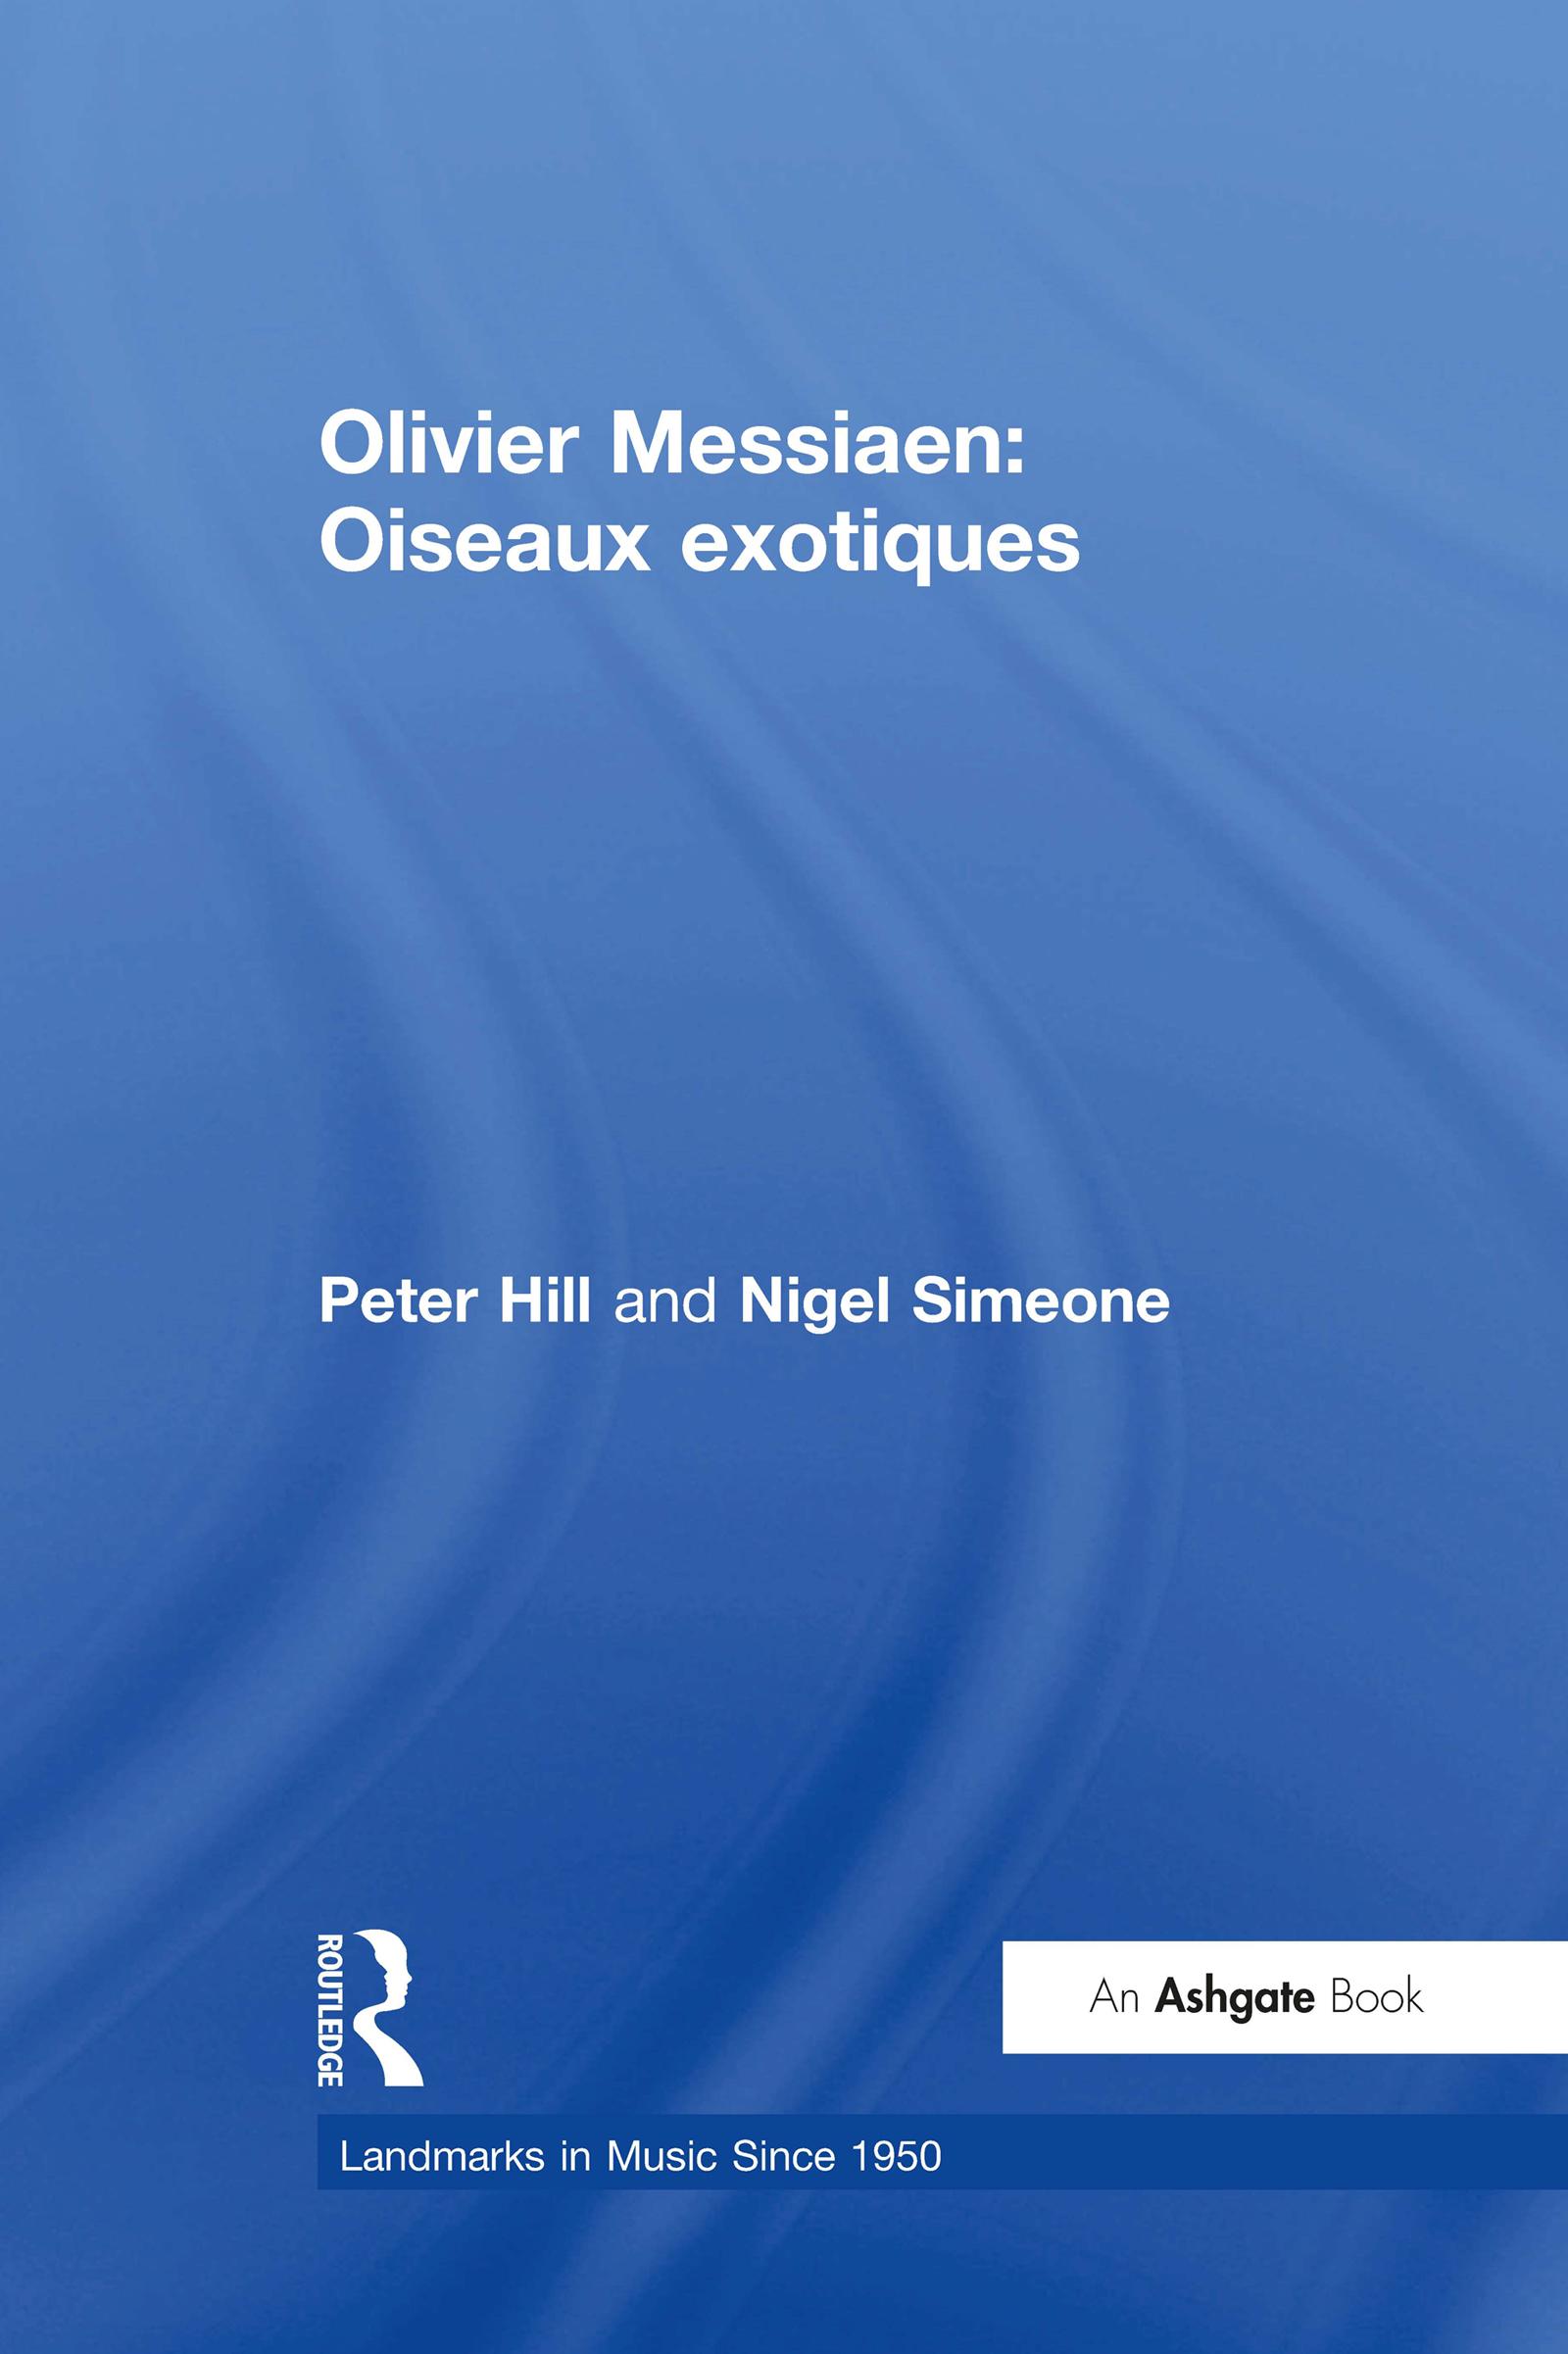 Olivier Messiaen: Oiseaux exotiques book cover